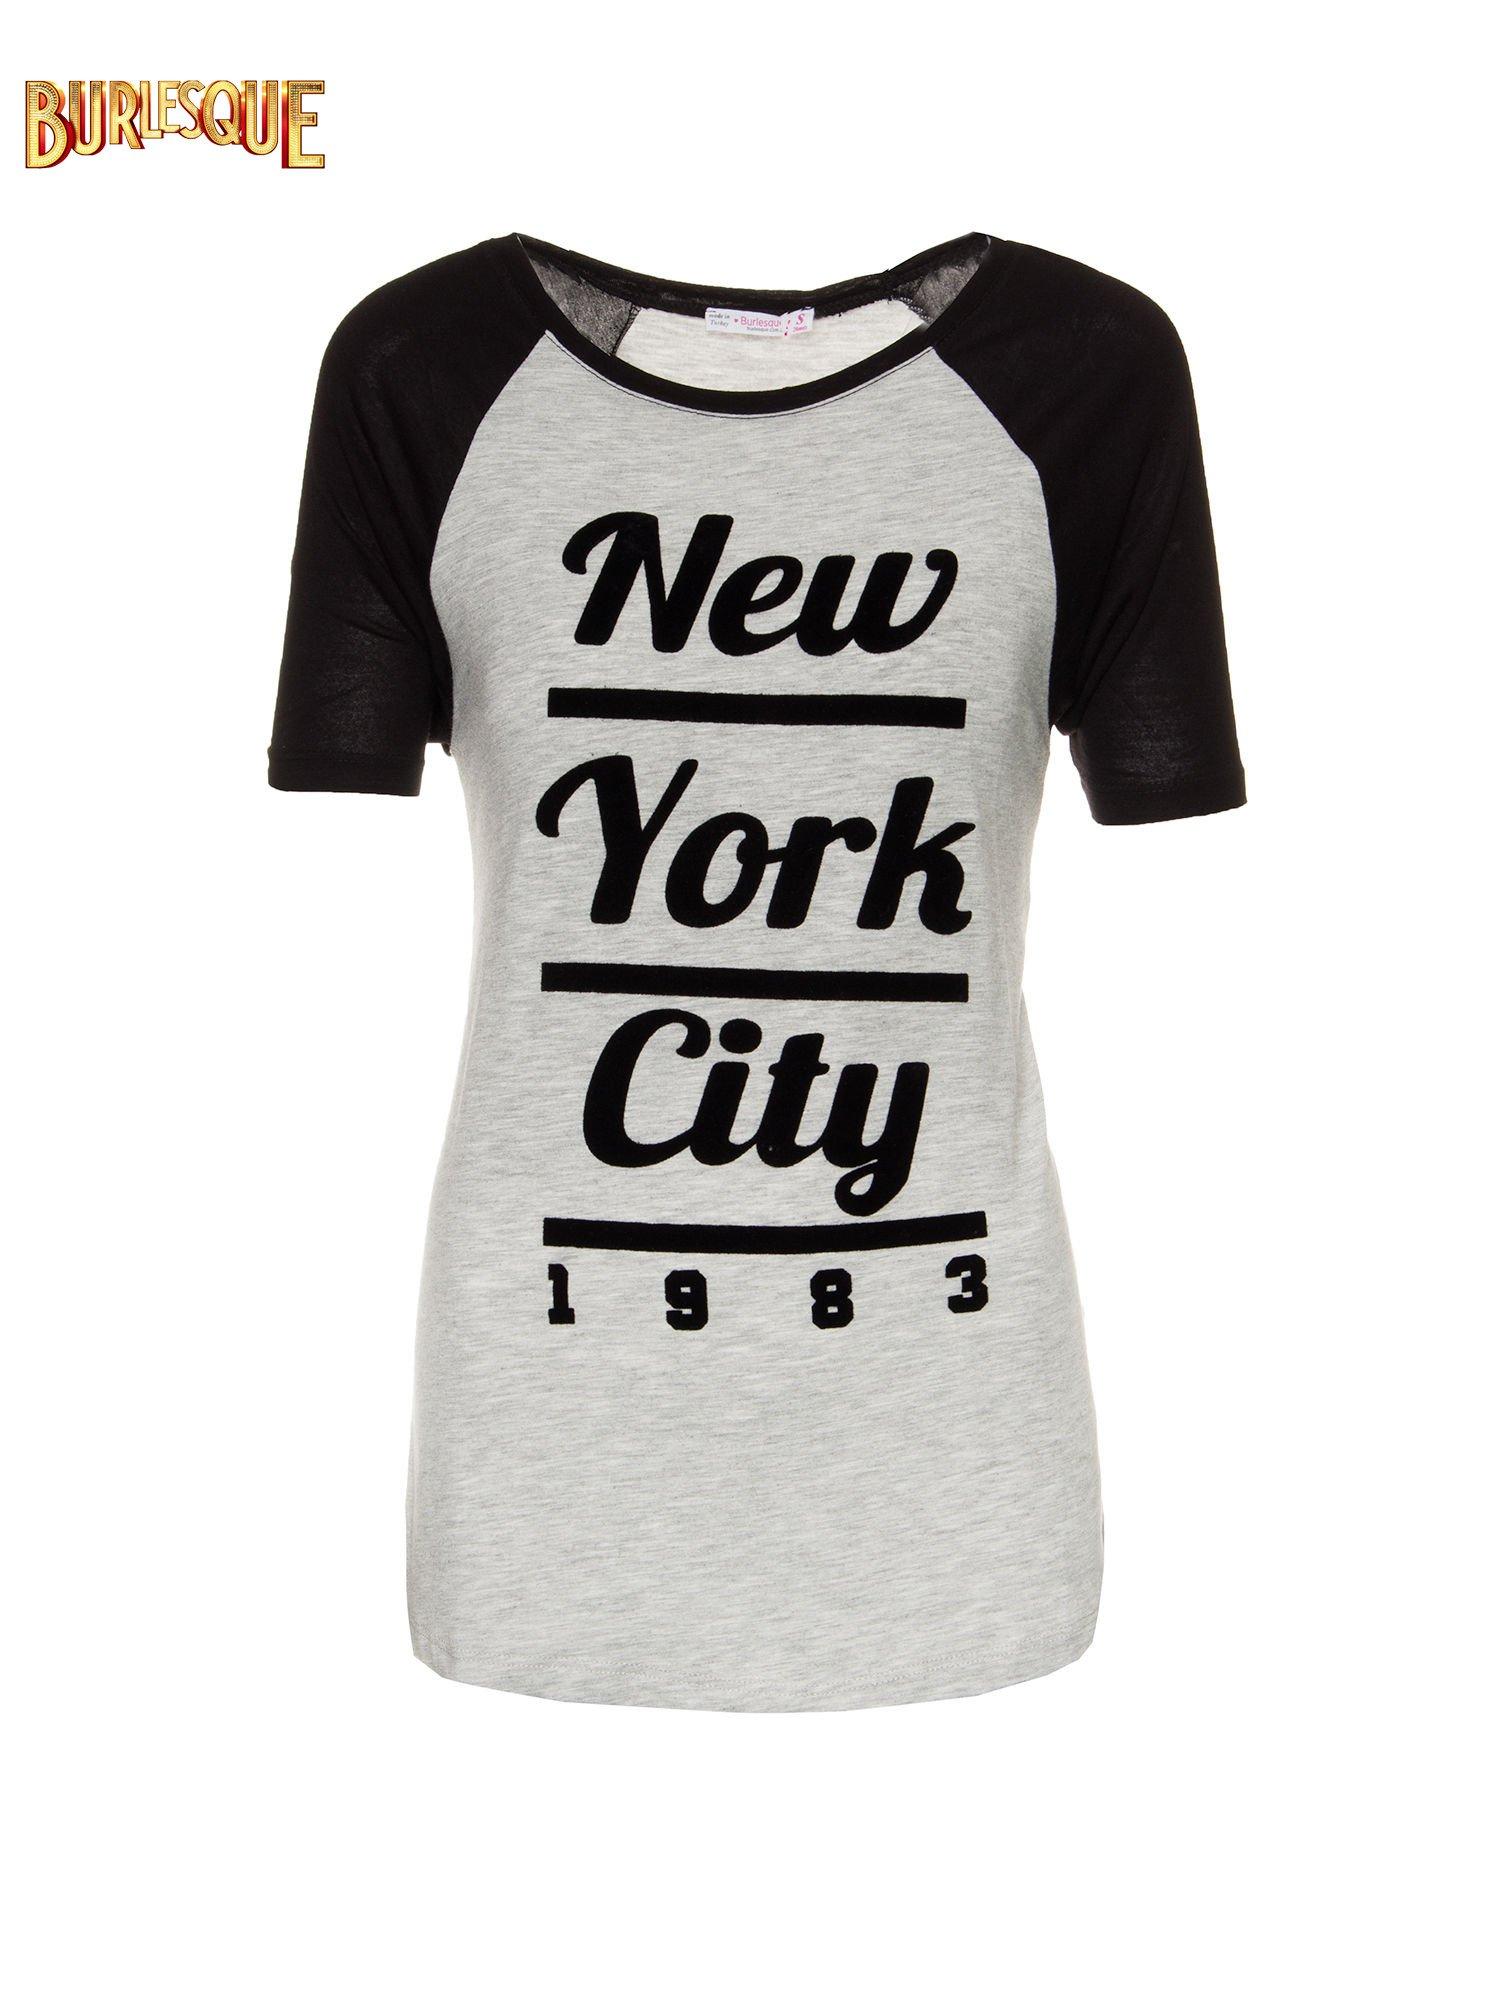 Szaro-czarny t-shirt z nadrukiem NEW YORK CITY 1983                                  zdj.                                  1